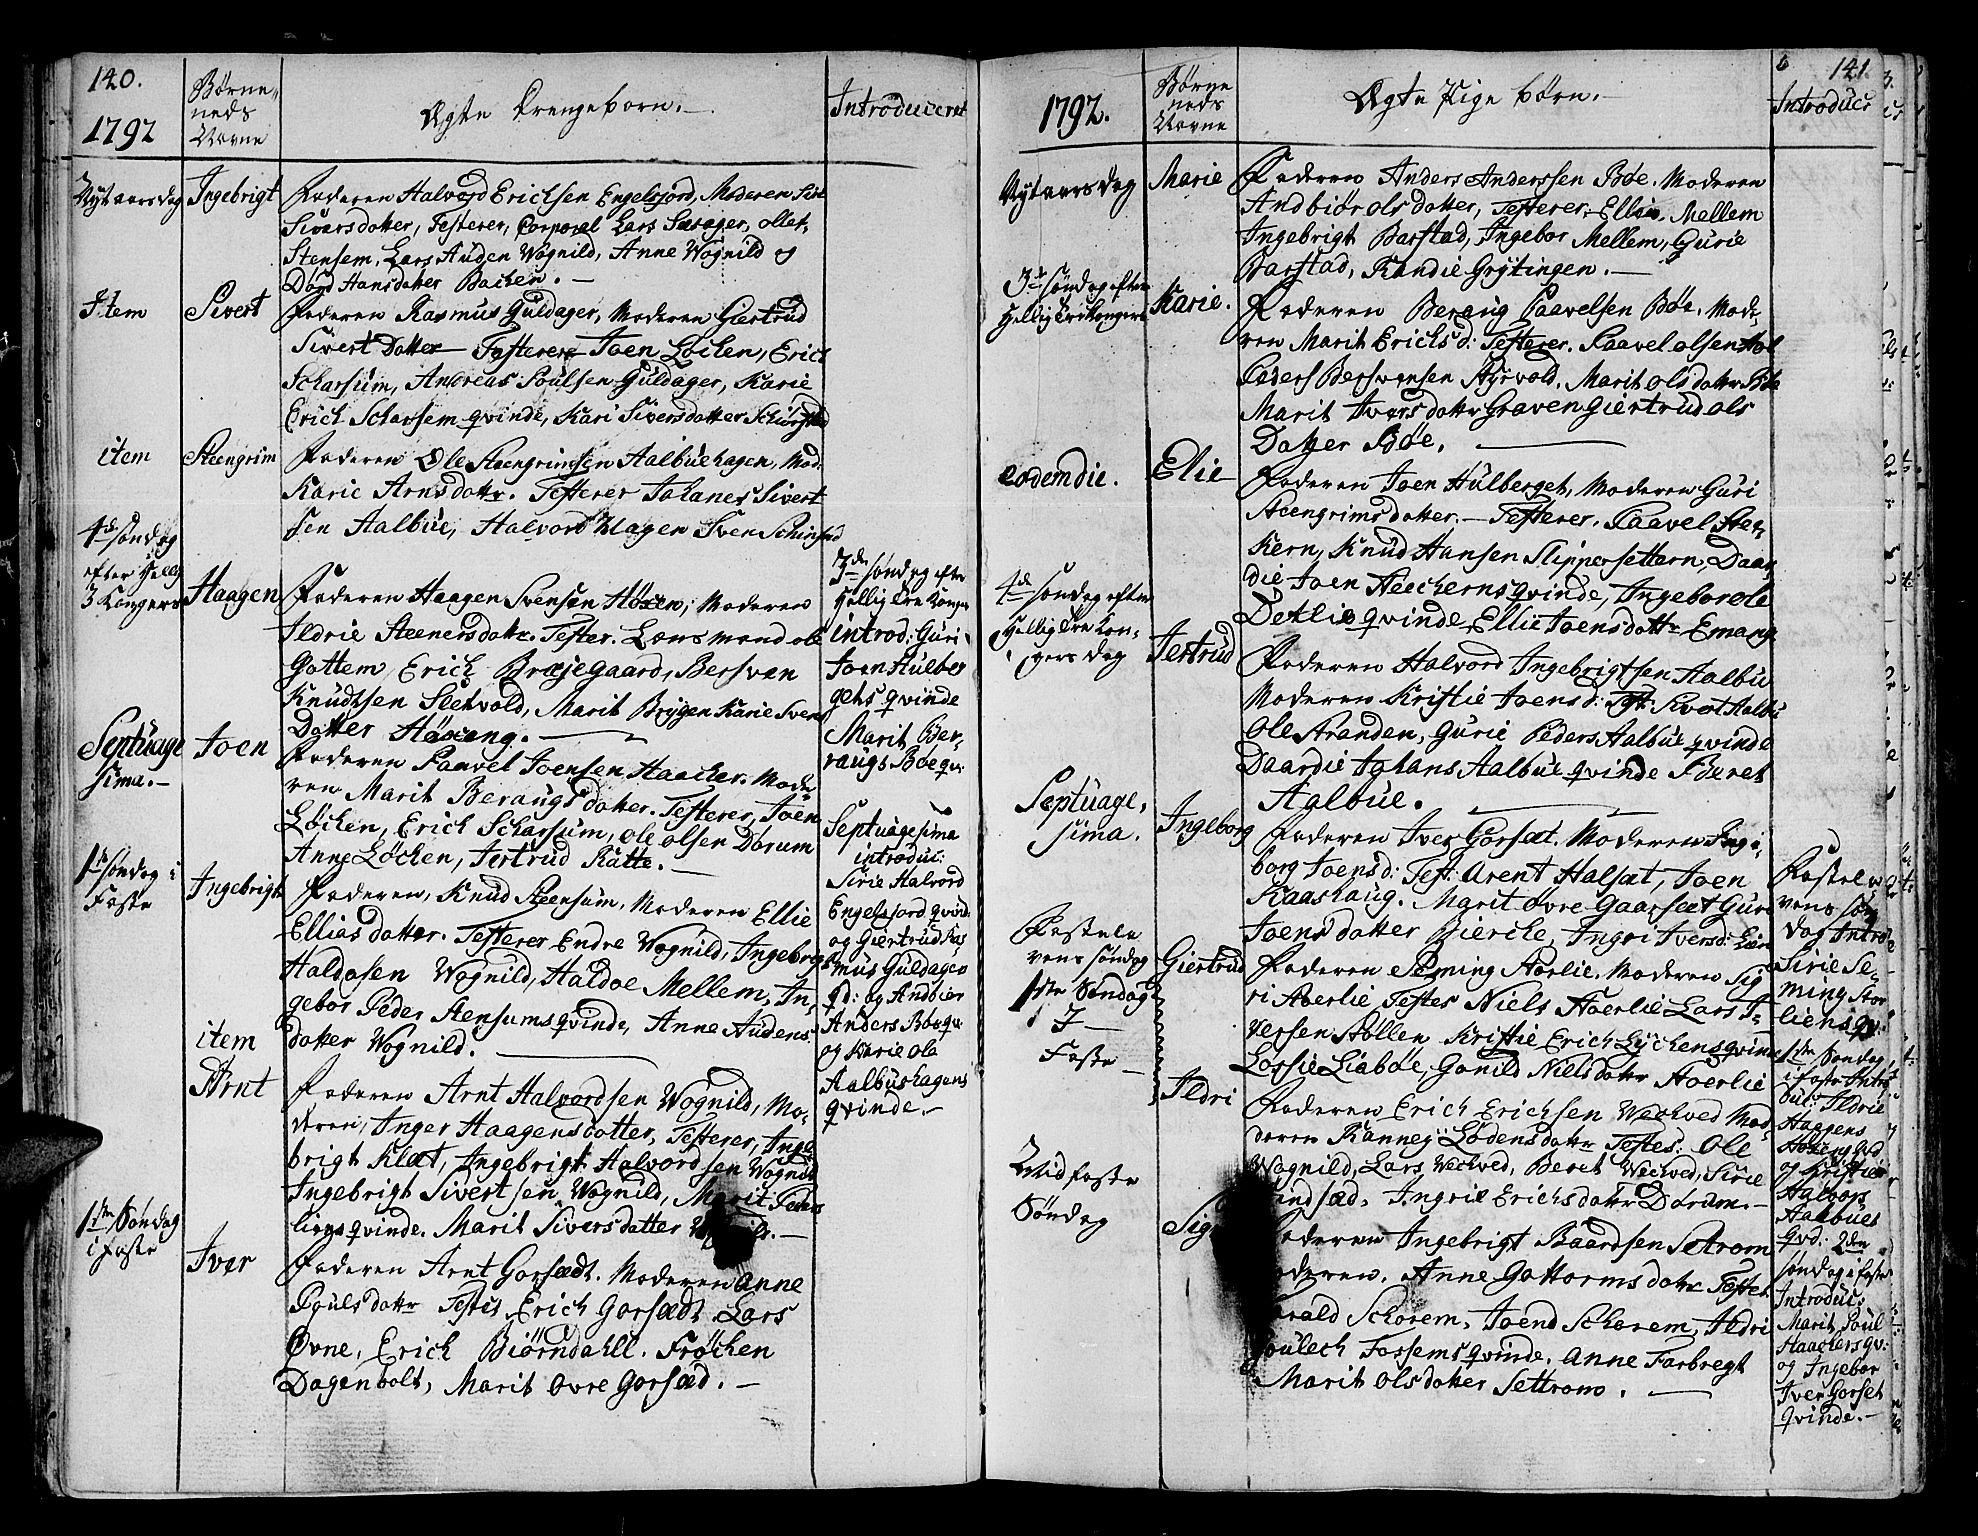 SAT, Ministerialprotokoller, klokkerbøker og fødselsregistre - Sør-Trøndelag, 678/L0893: Ministerialbok nr. 678A03, 1792-1805, s. 140-141